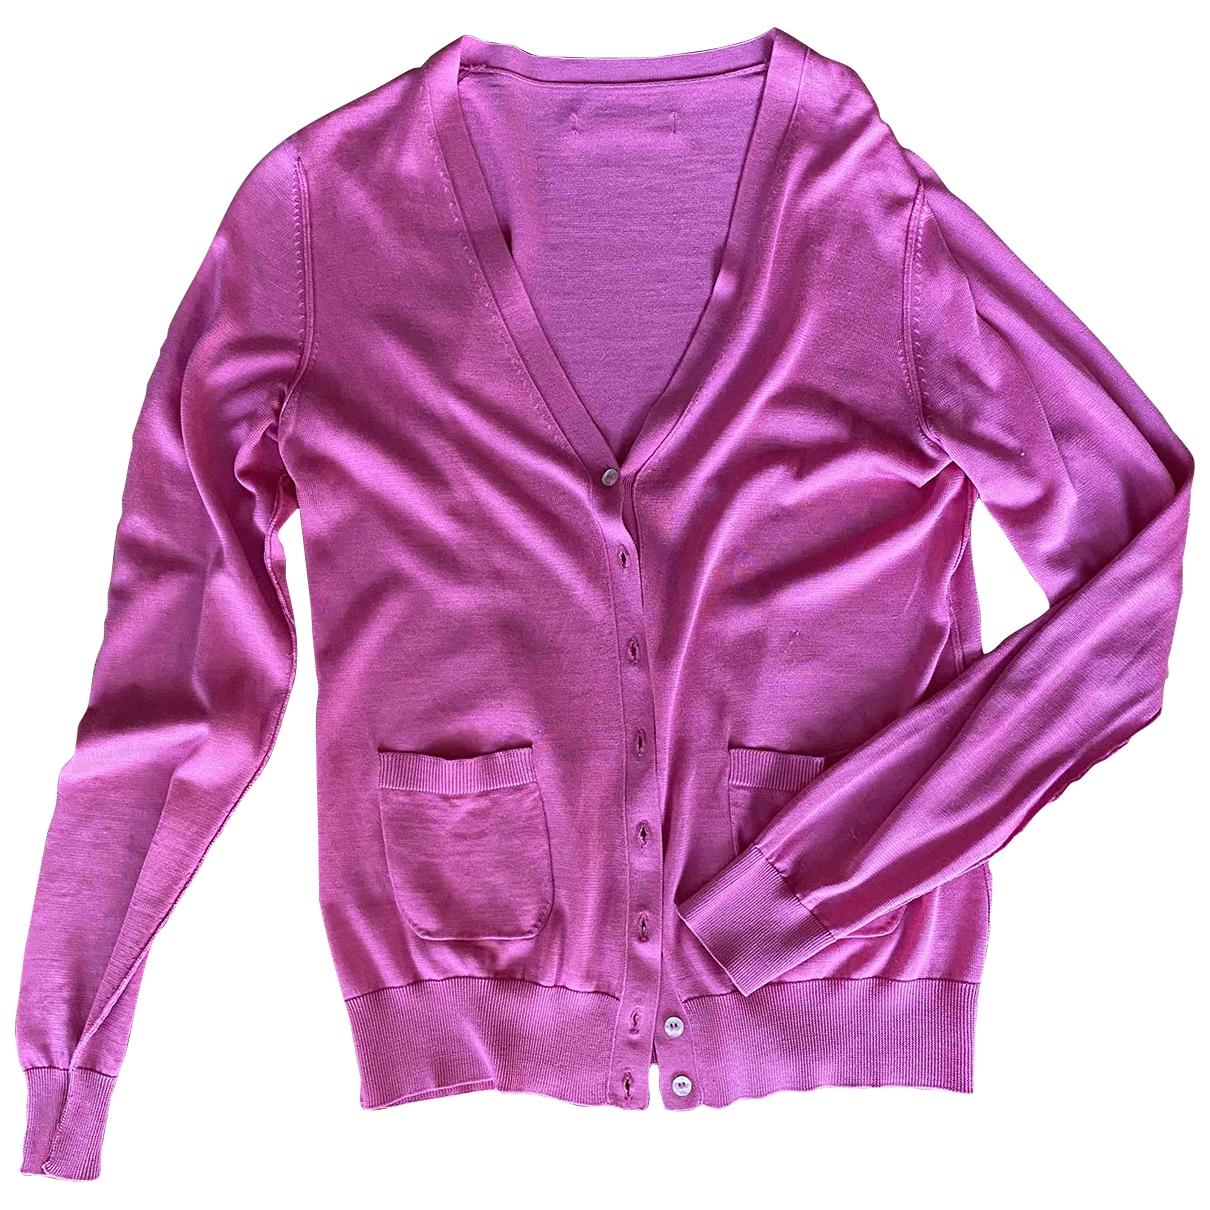 D&g - Pull   pour femme en soie - rose